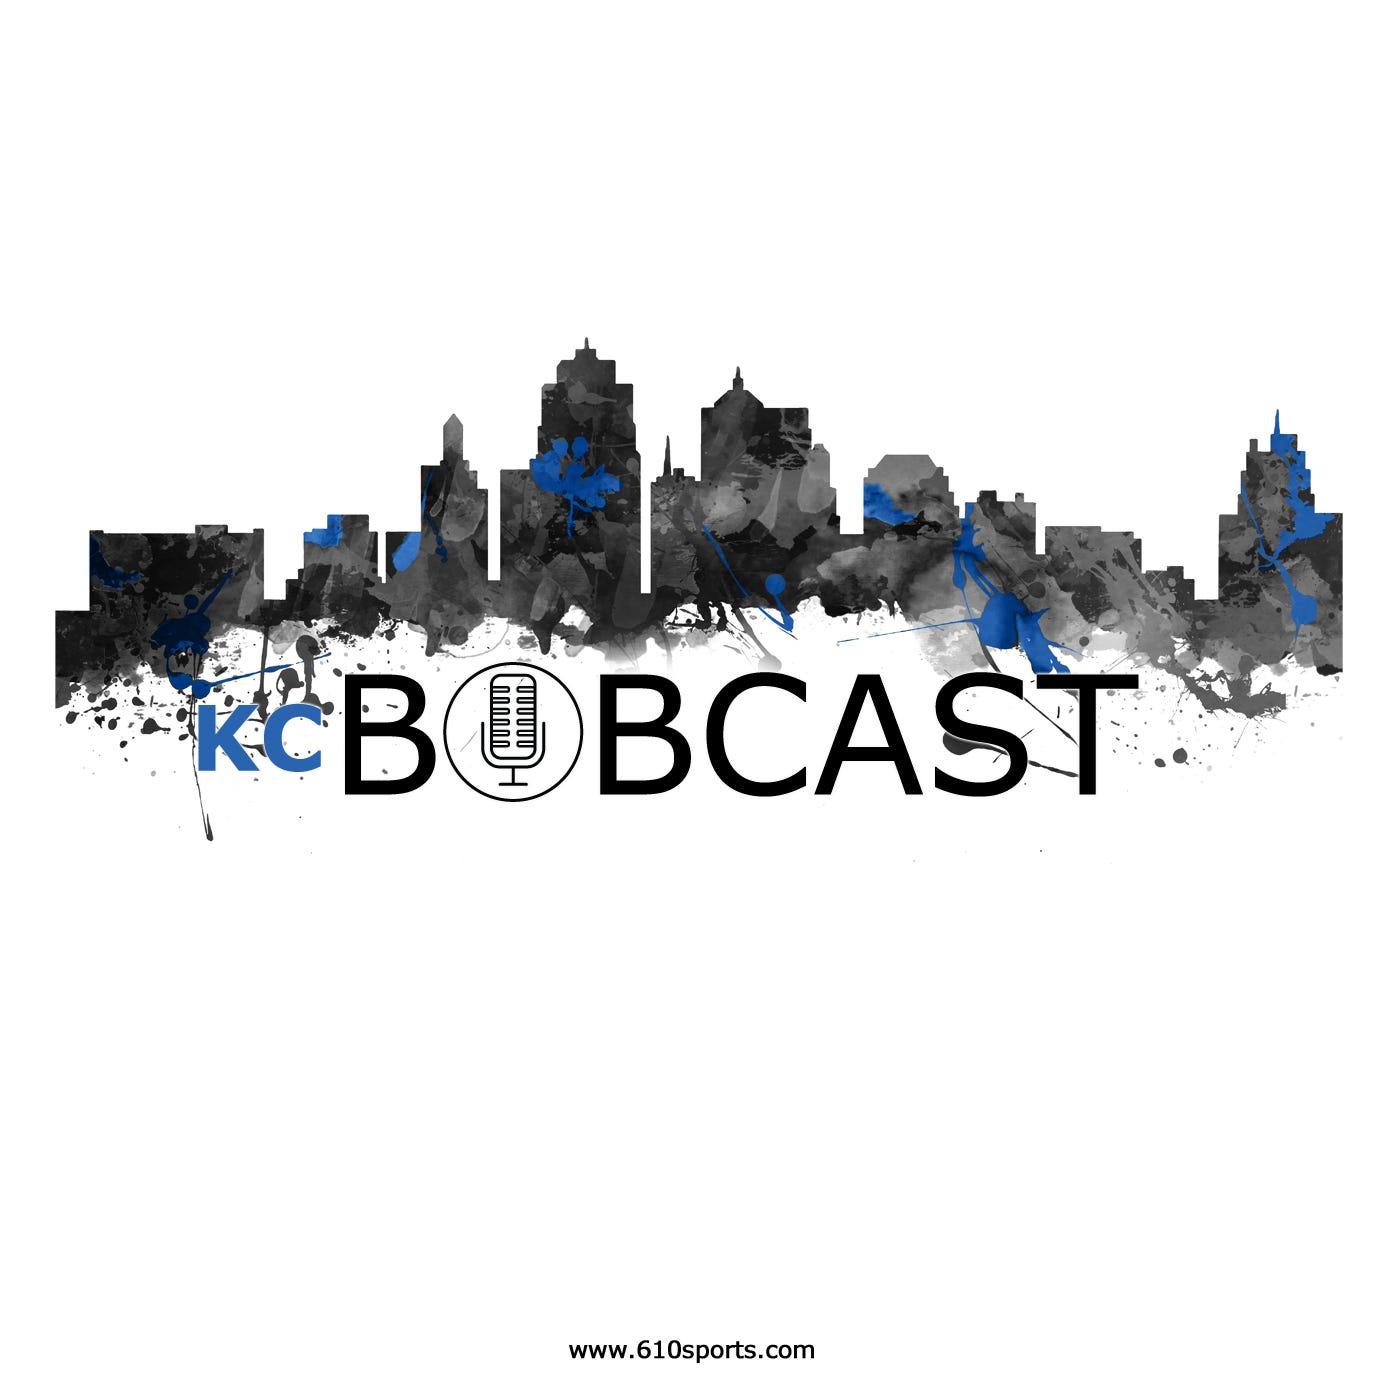 KC Bobcast